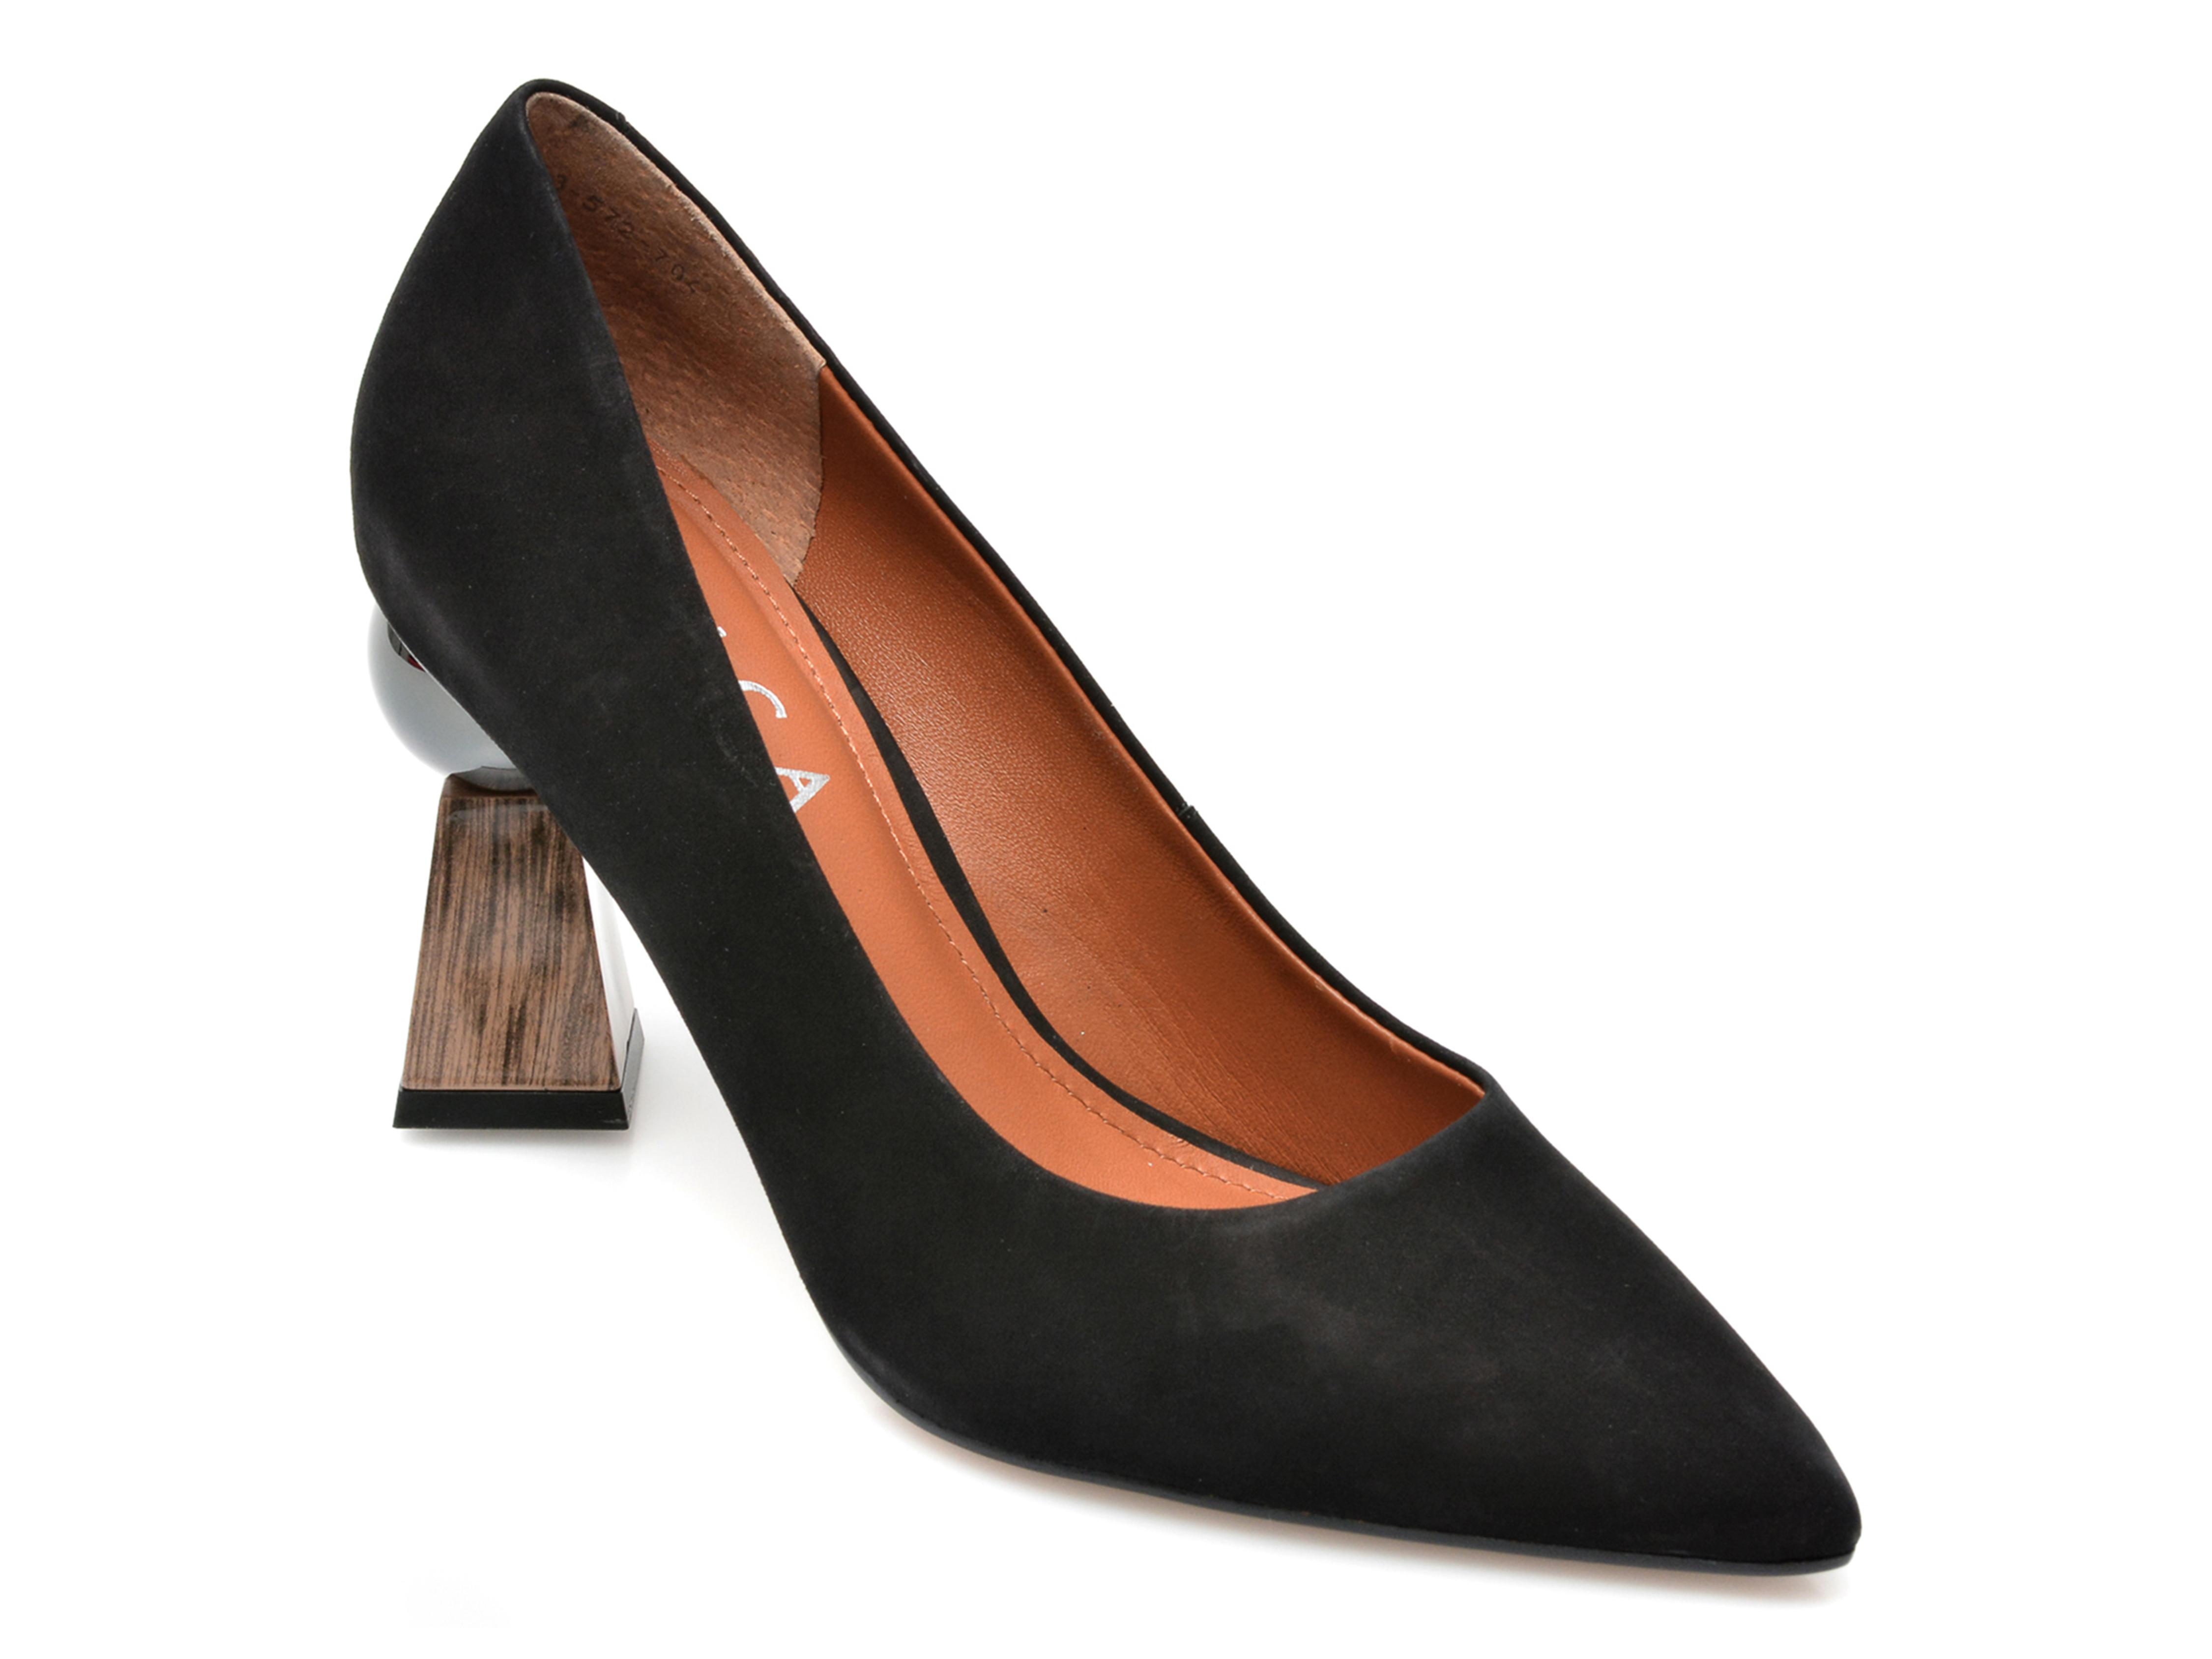 Pantofi EPICA negri, 1843704, din nabuc imagine otter.ro